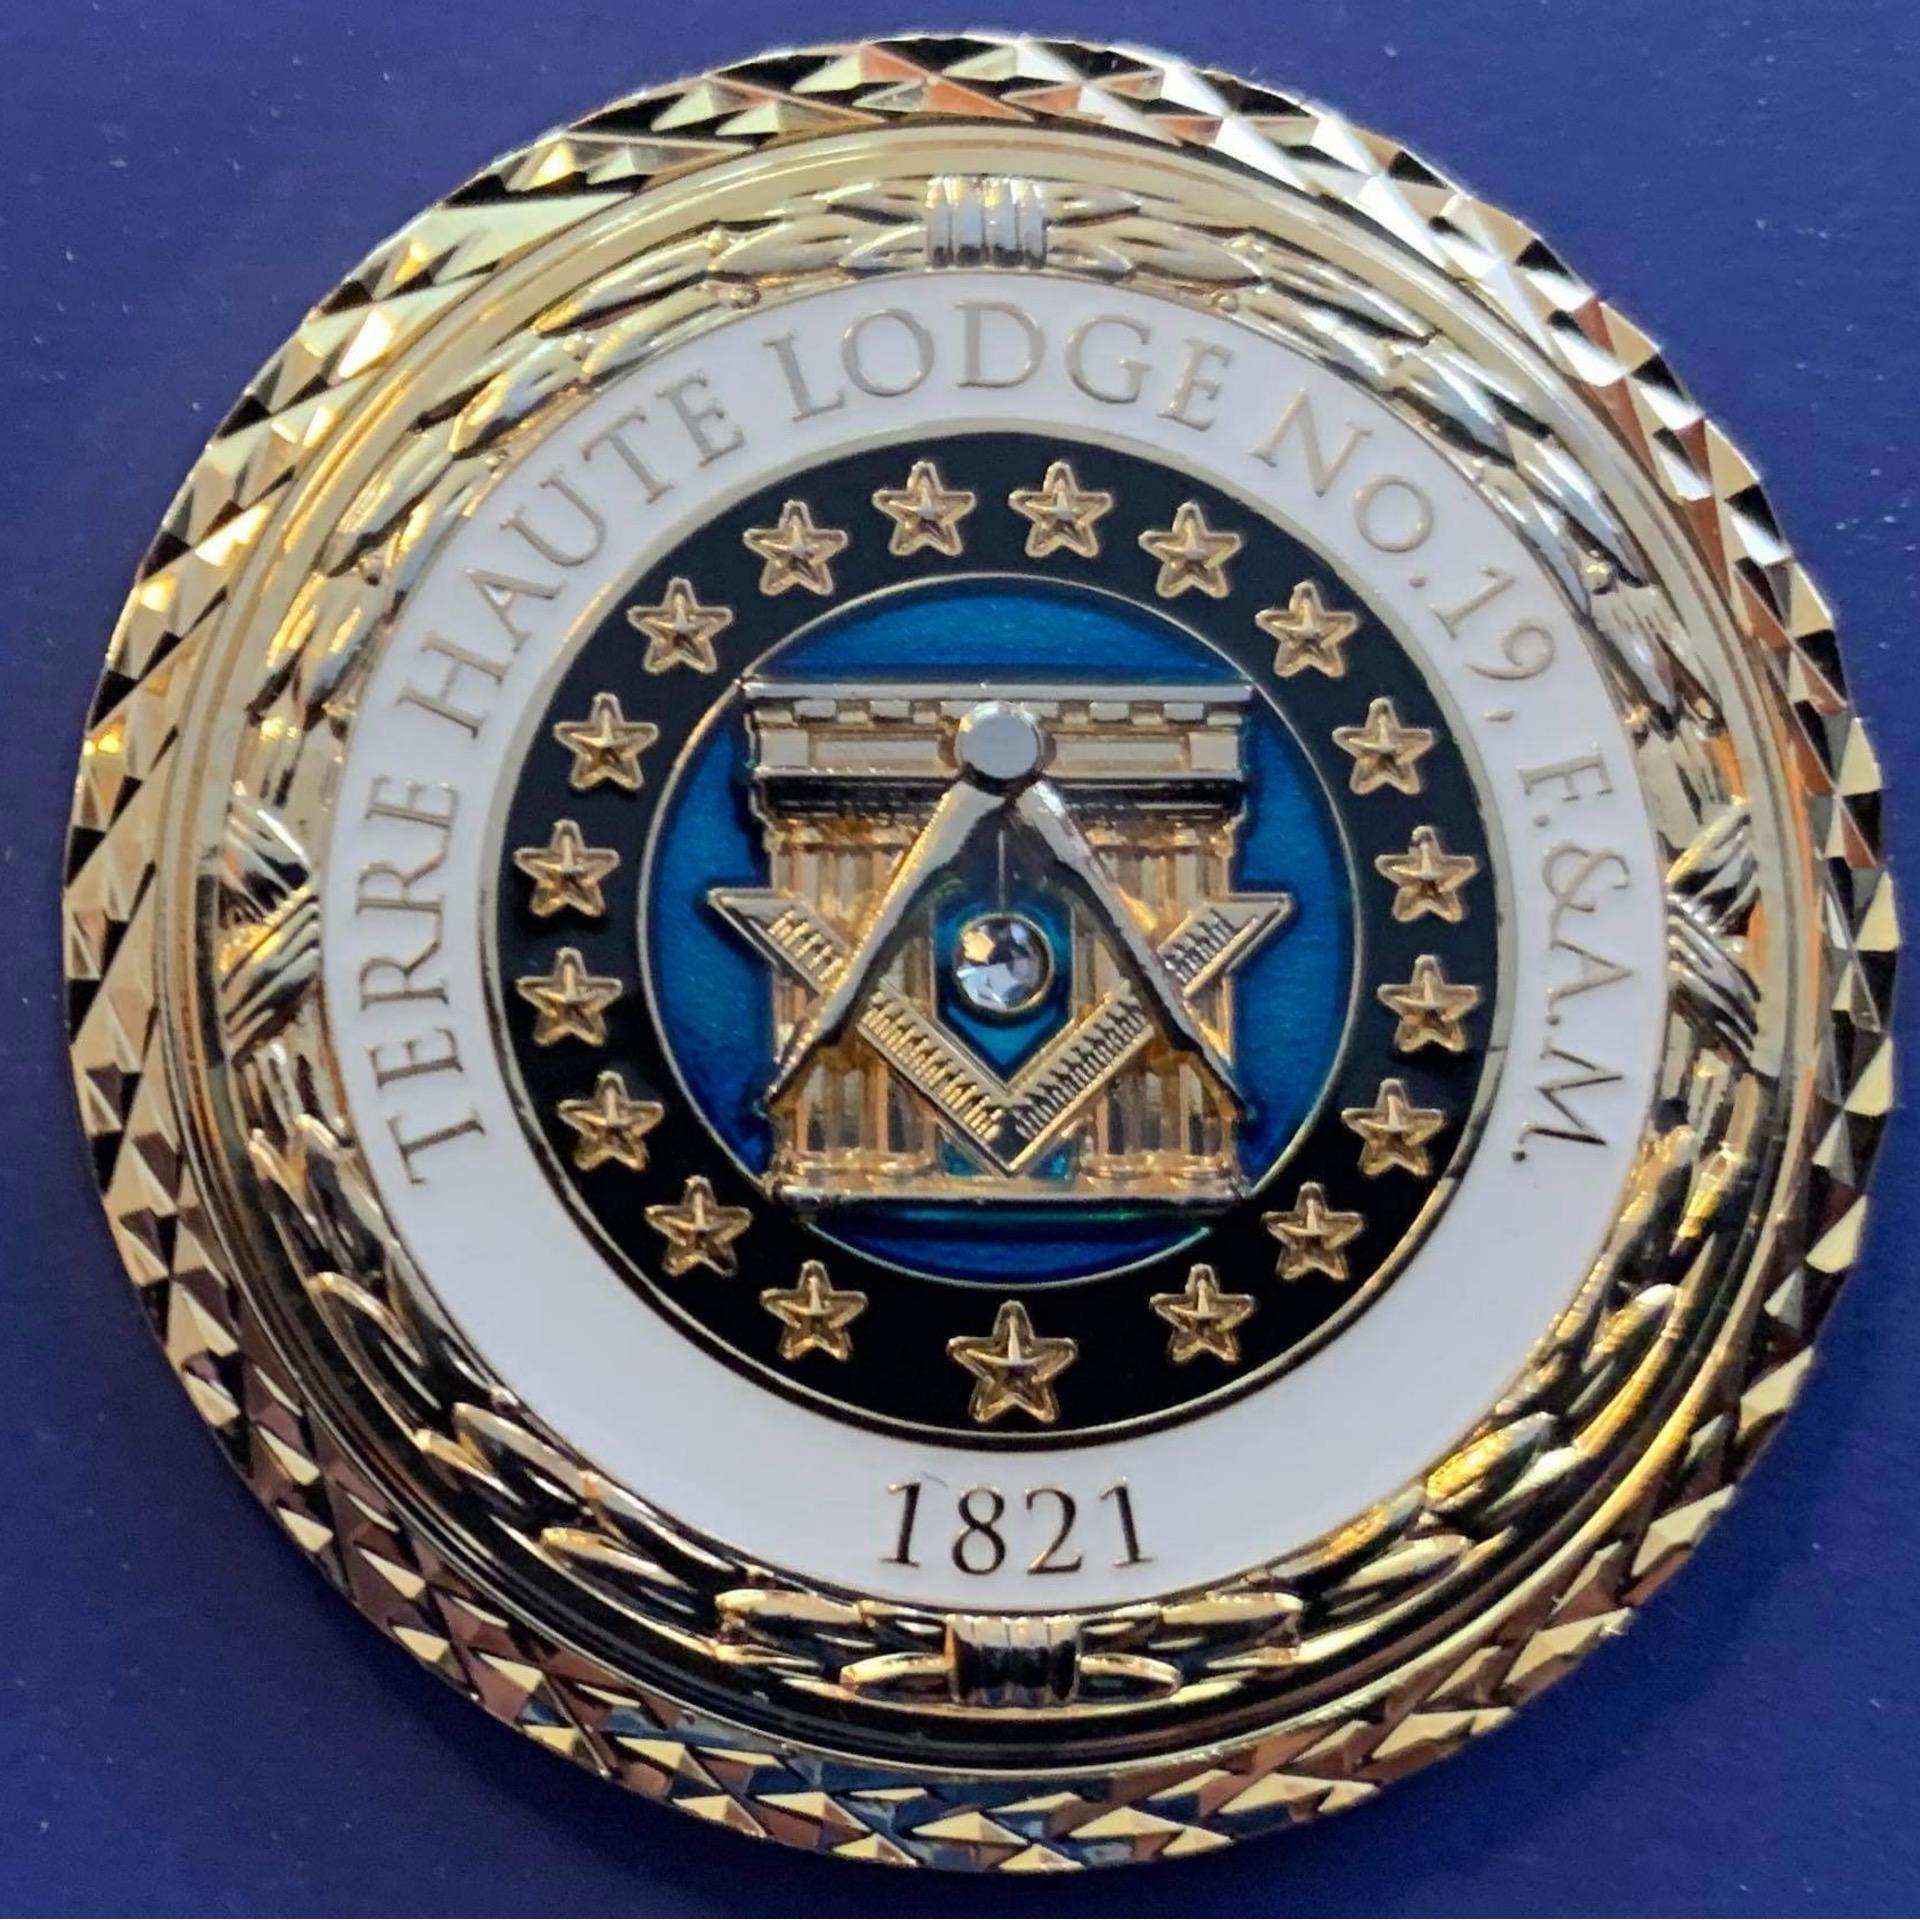 TH19 Bicentennial Coin